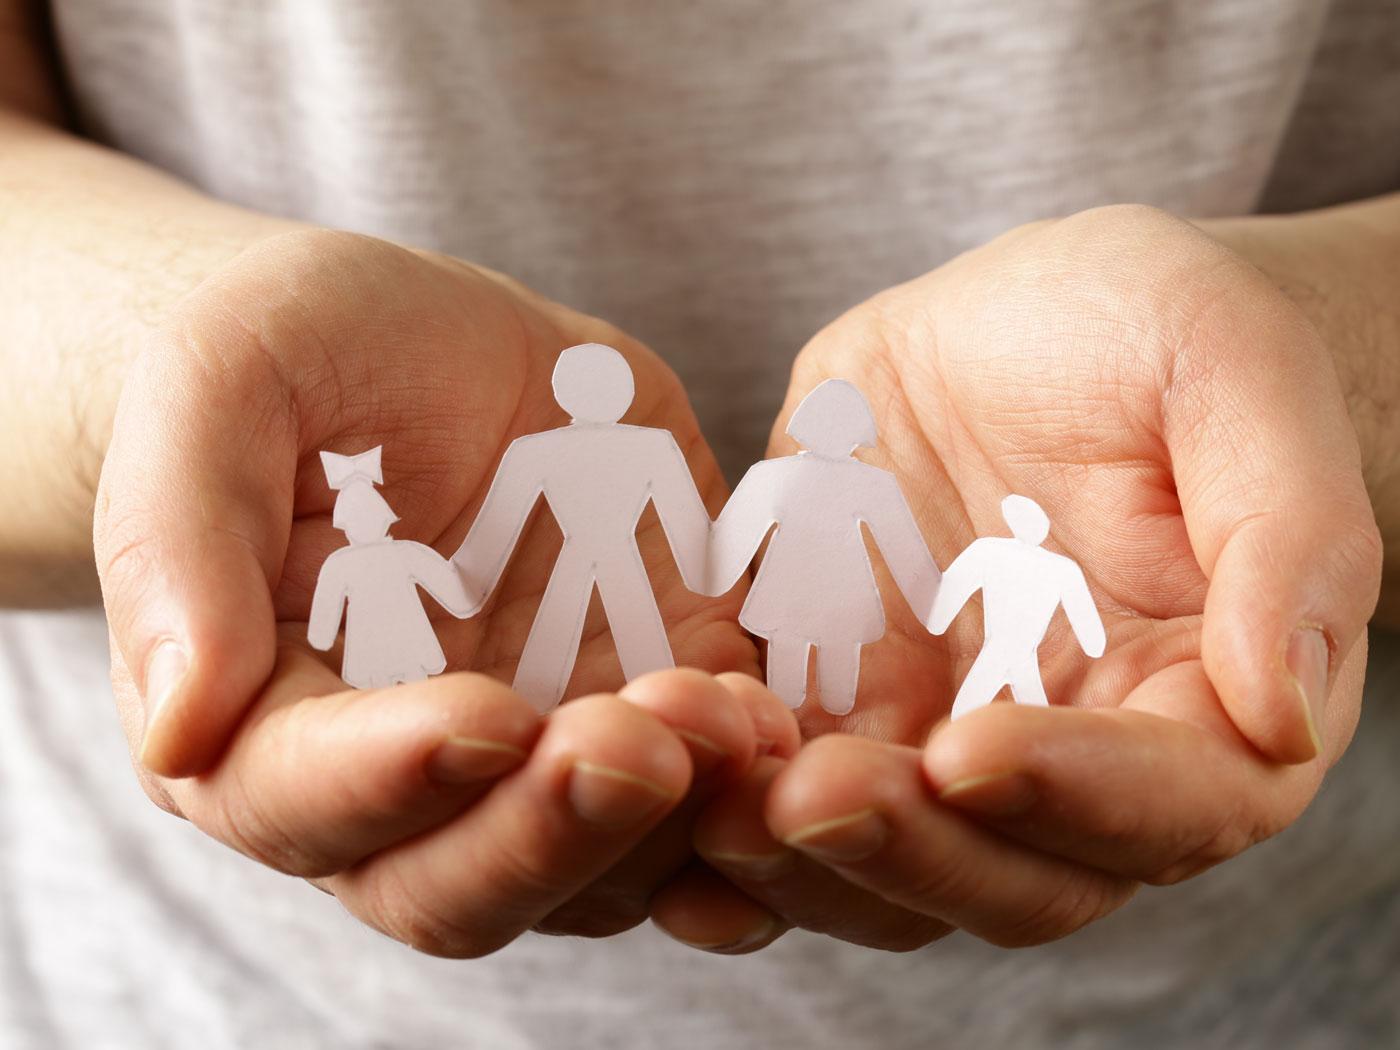 Il padre depresso può violare comunque gli obblighi di assistenza familiare